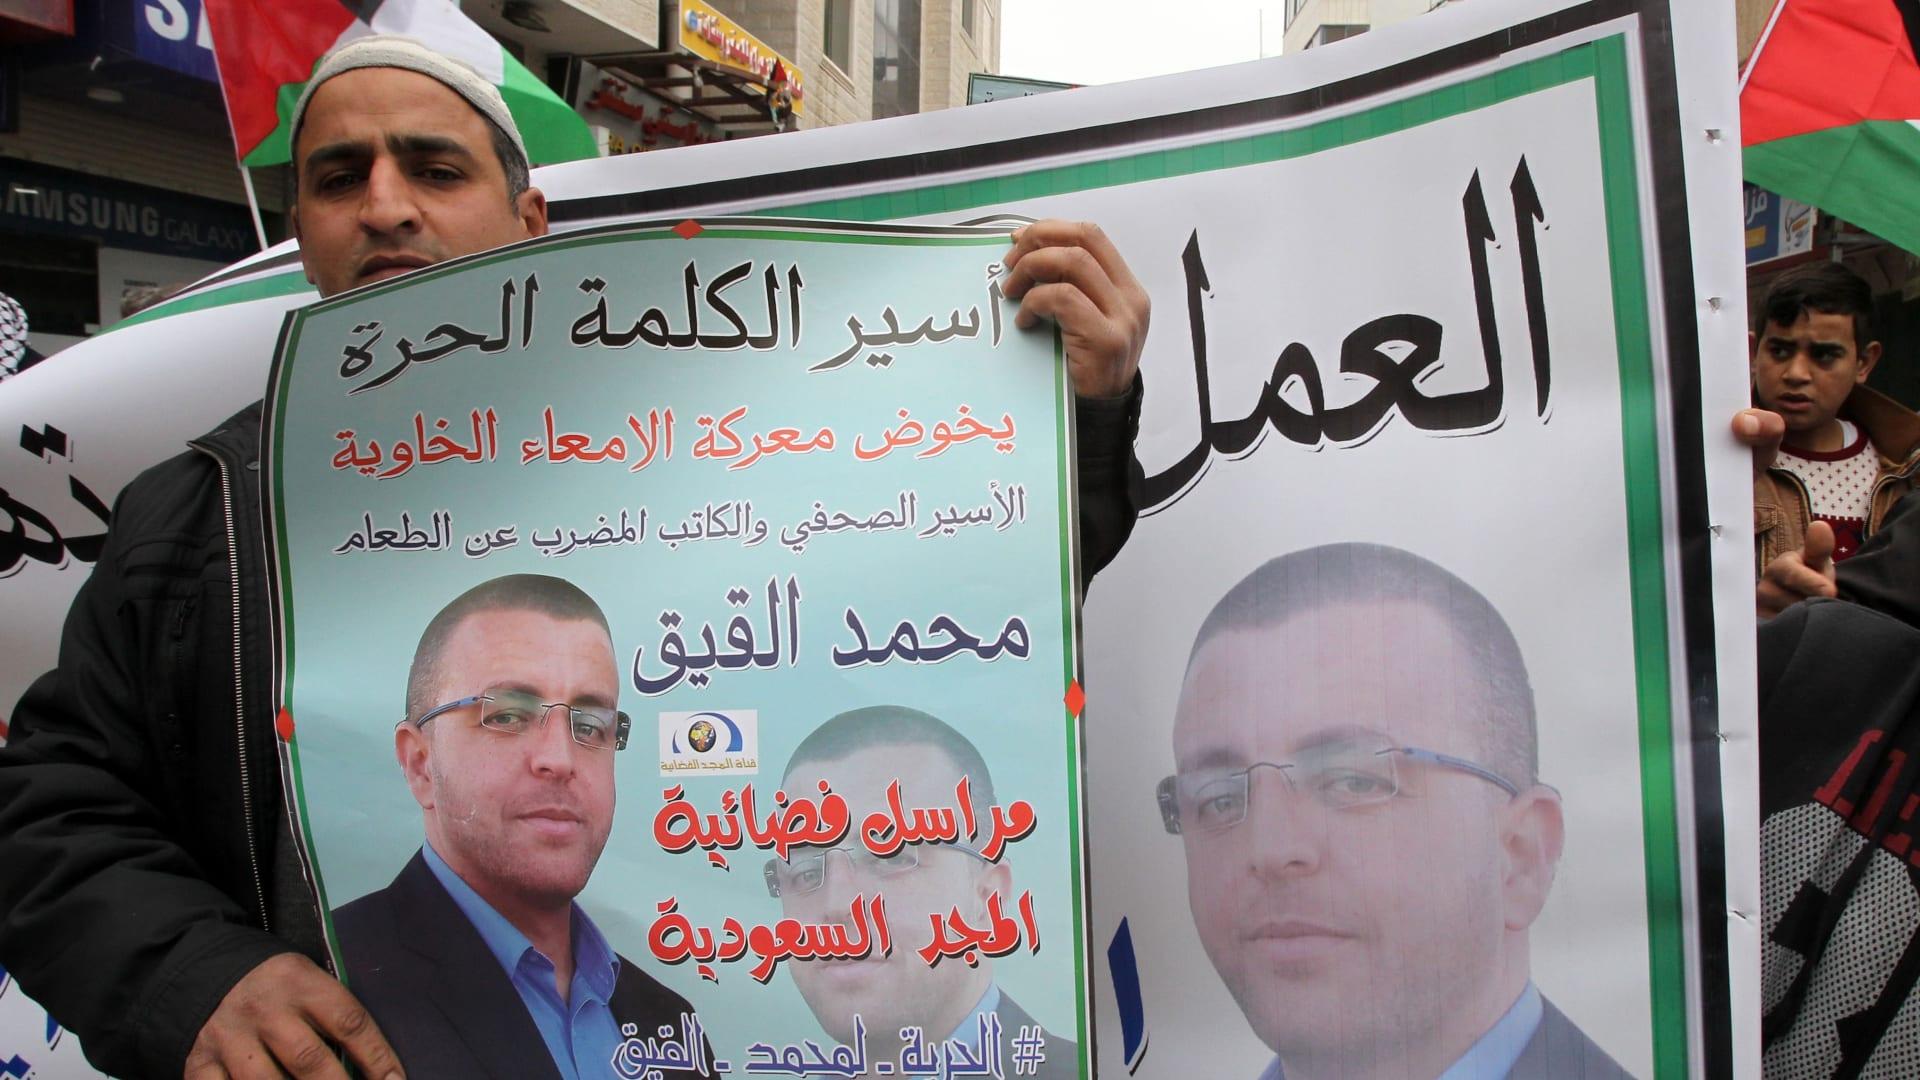 بالفيديو..قانون إطعام سجناء فلسطينيين قسراً يثير جدلاً بإسرائيل